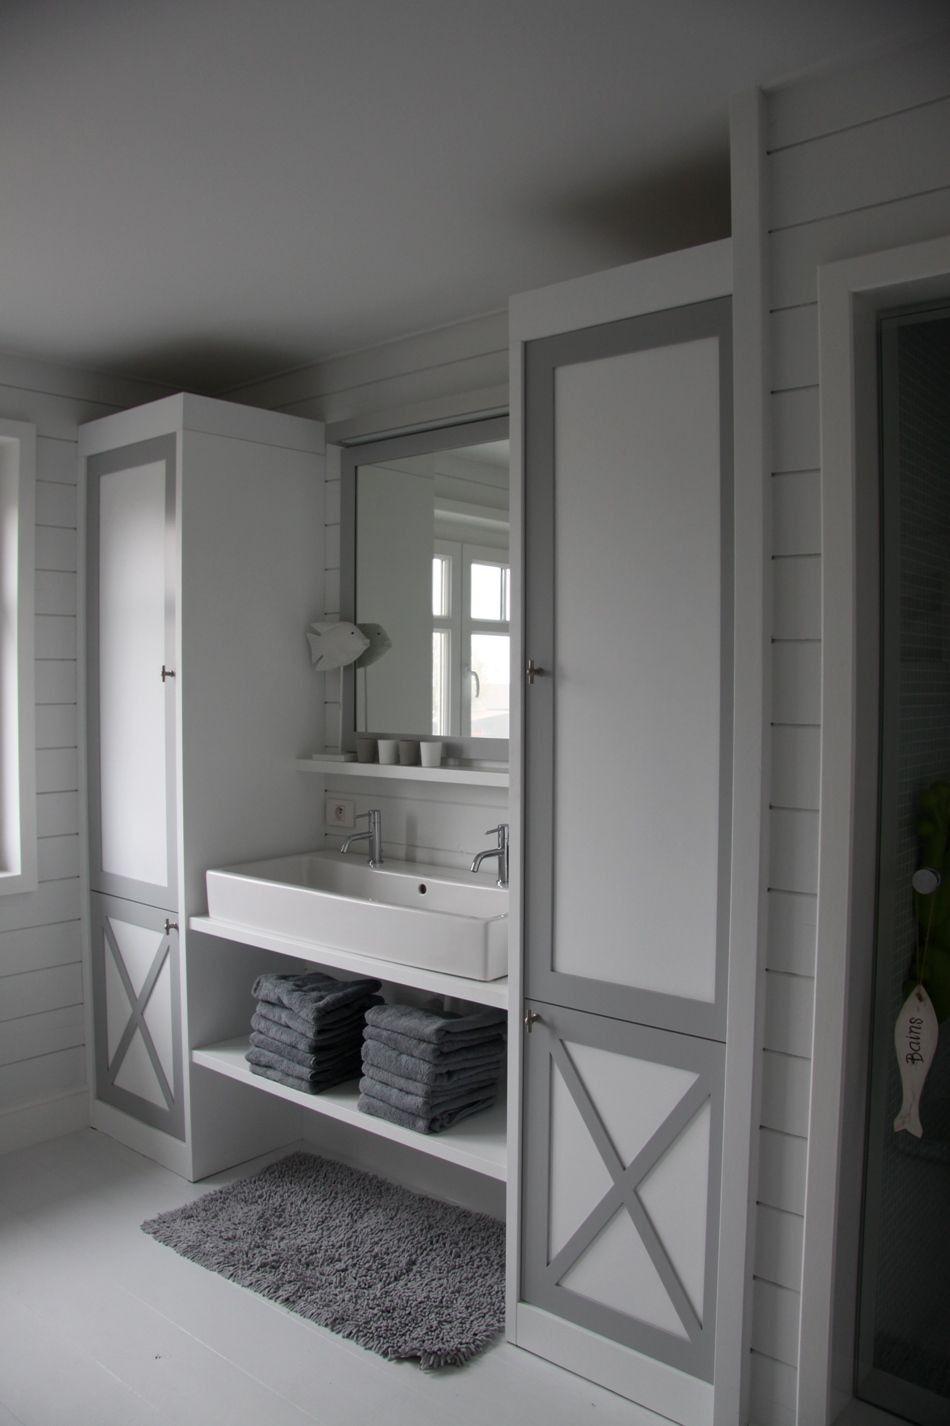 meuble salle de bain mi casa